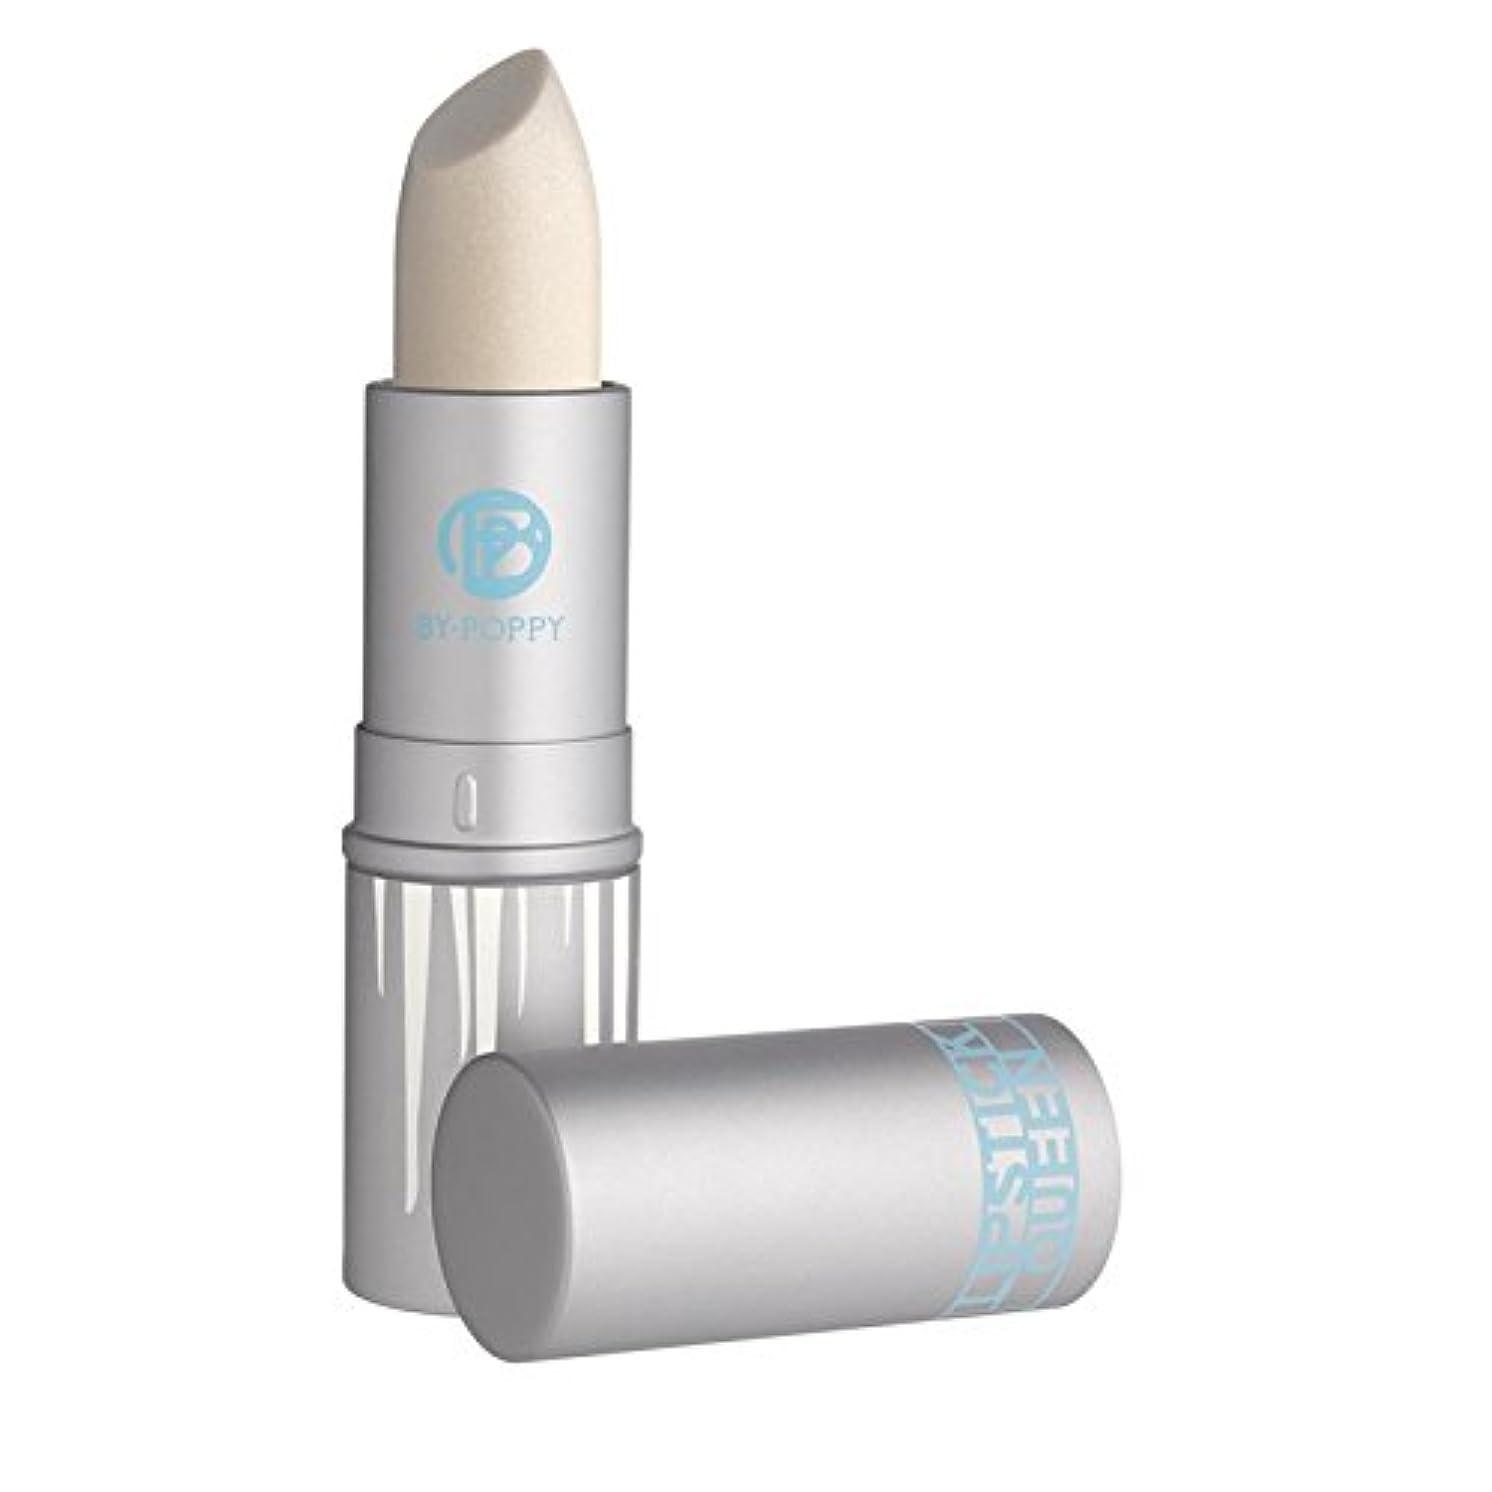 ユダヤ人準拠飽和するLipstick Queen Ice Queen Lipstick 3.5g - 口紅の女王氷の女王の口紅3.5グラム [並行輸入品]